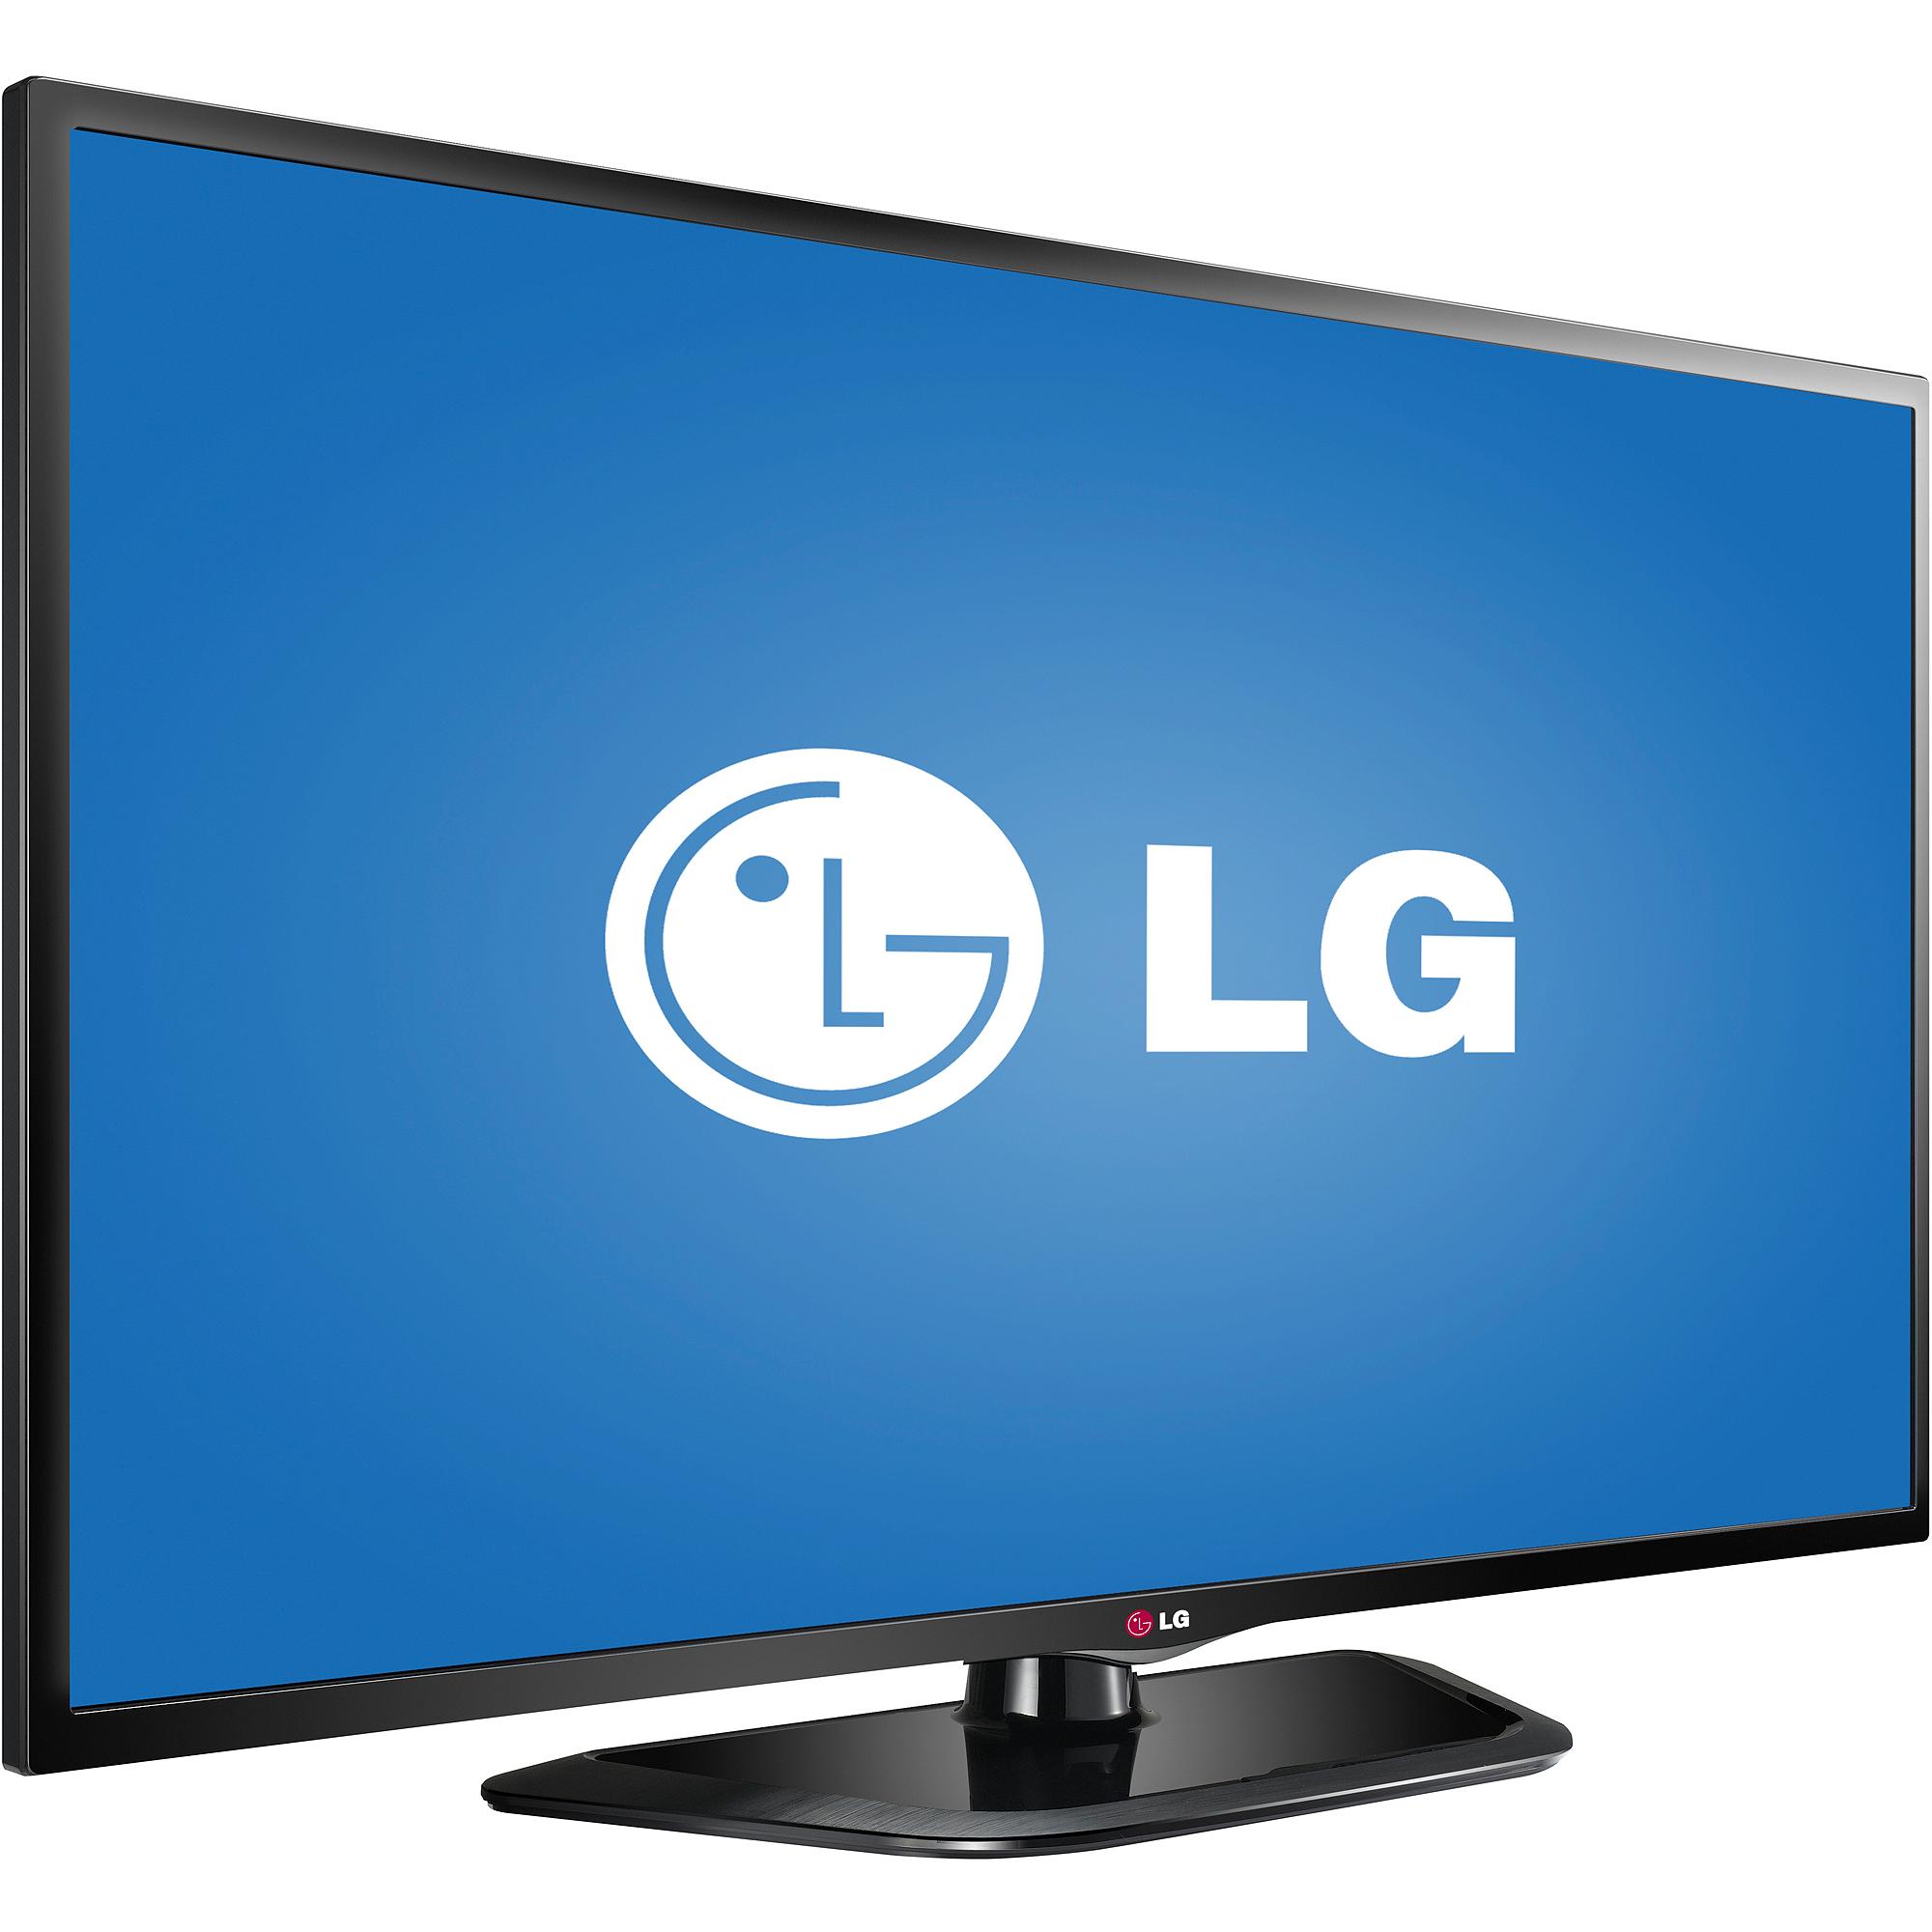 """LG 50LN5700 50"""" 1080p 120Hz LED (3.23"""" ultra-slim) Smart HDTV"""